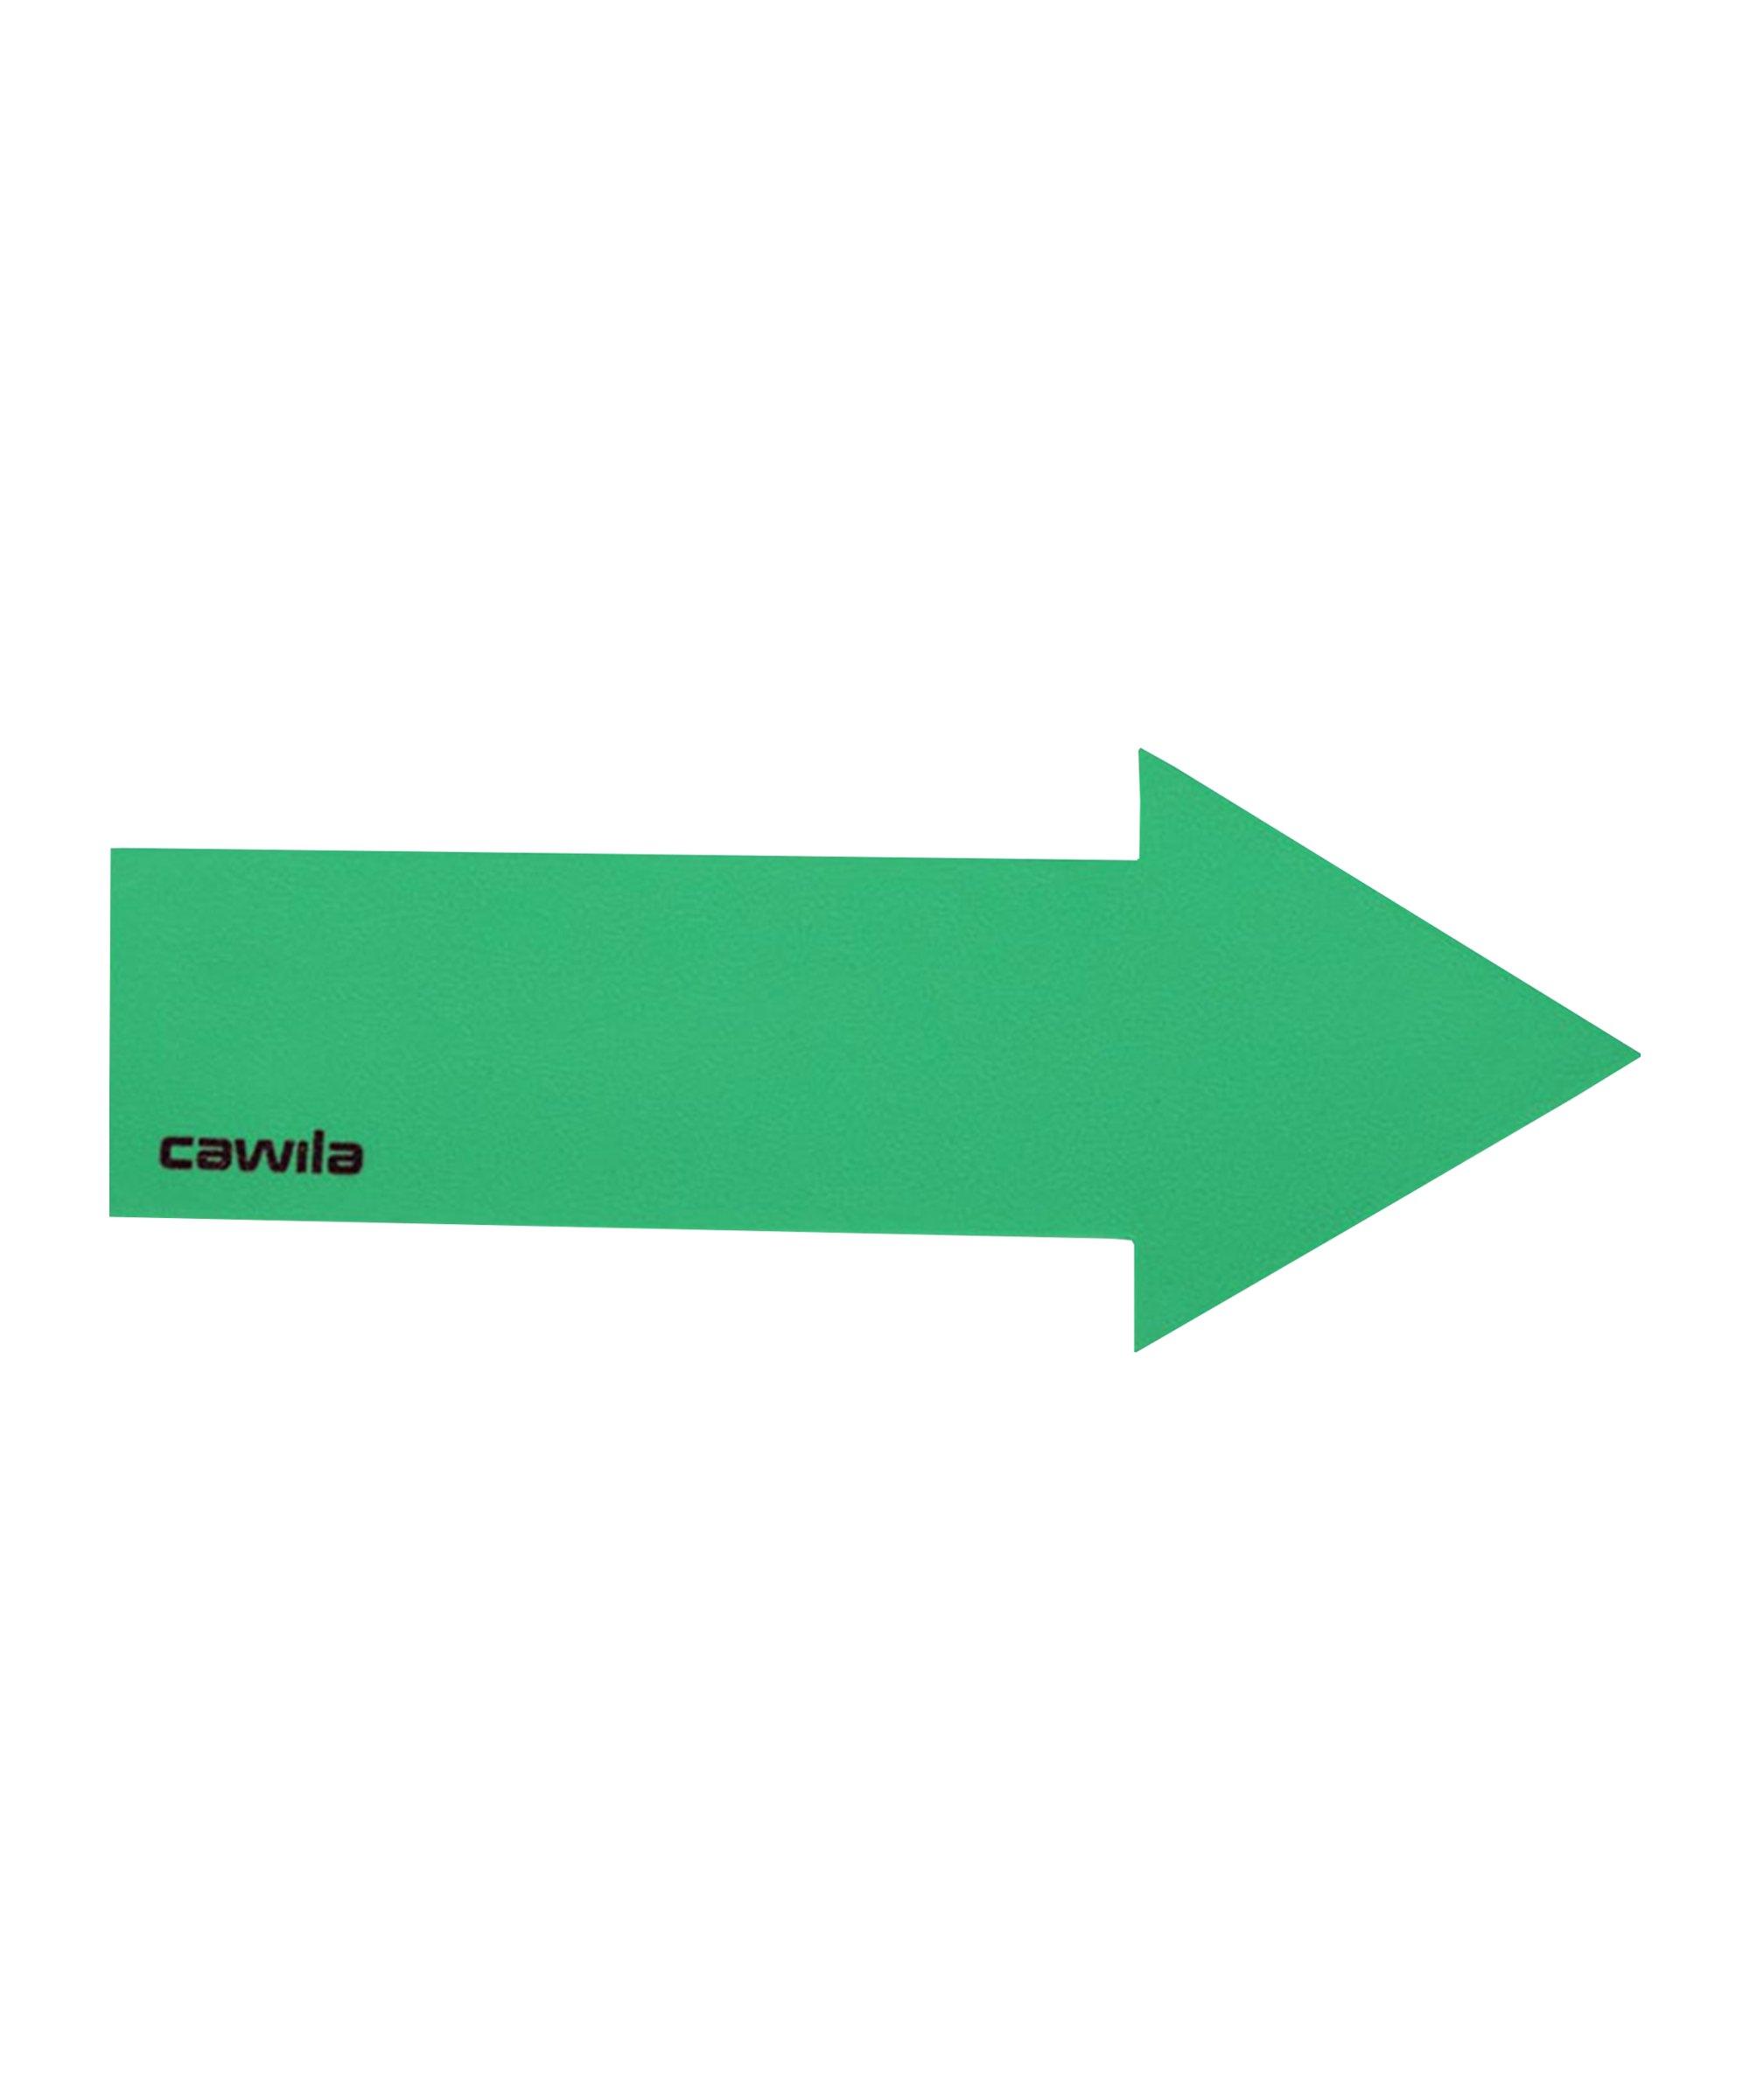 Cawila Marker-System Pfeil 36 x 9cm Grün - gruen